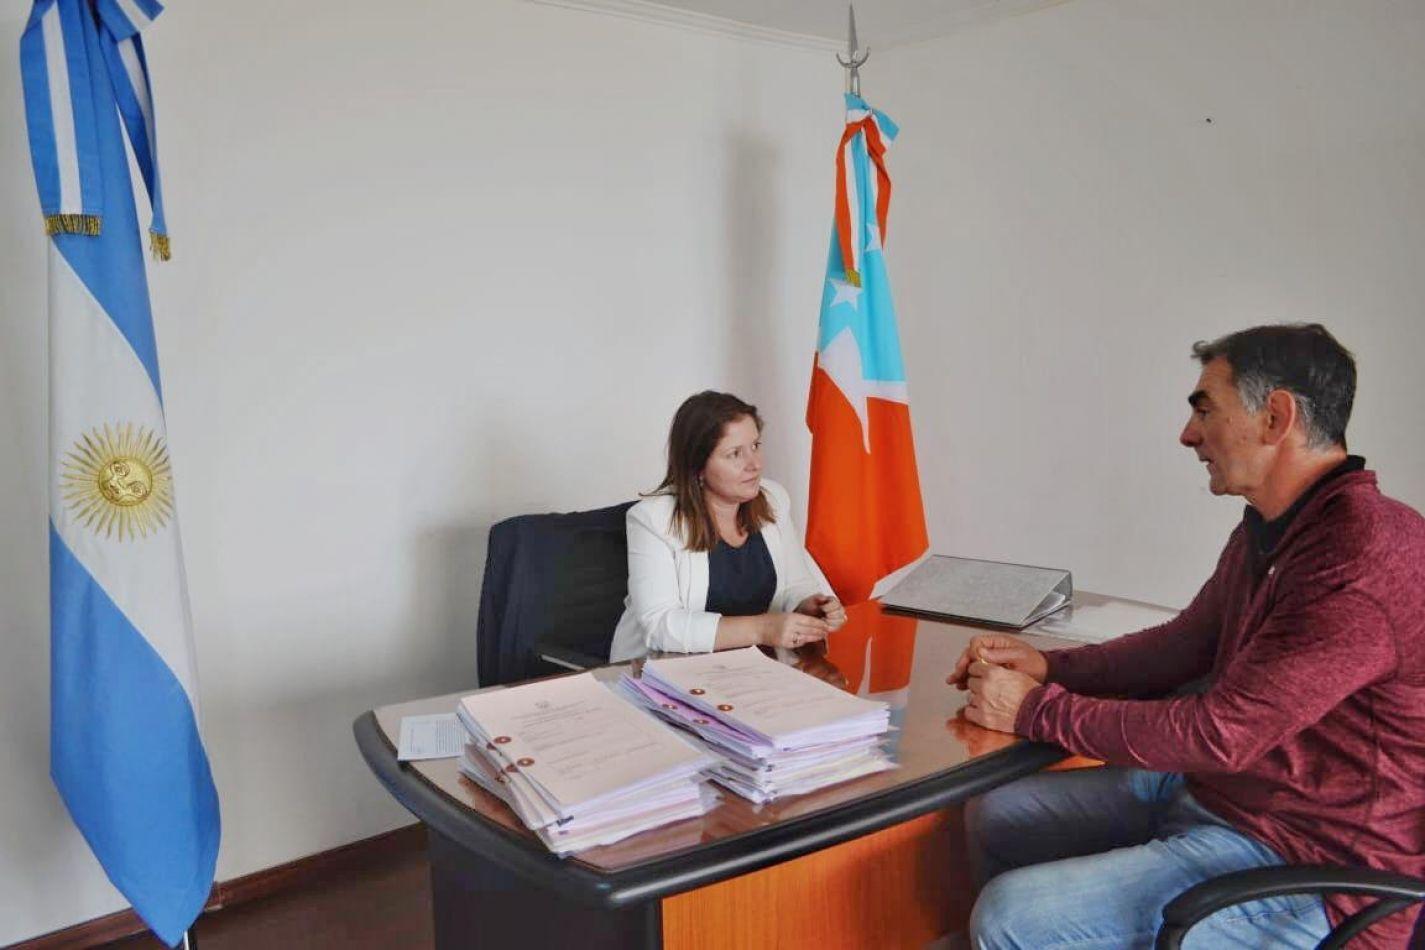 La secretaria de Justicia, Daiana Freiberger se reunió con el Presidente de la Unión de Rugby de Tierra del Fuego, Sergio Amaya.